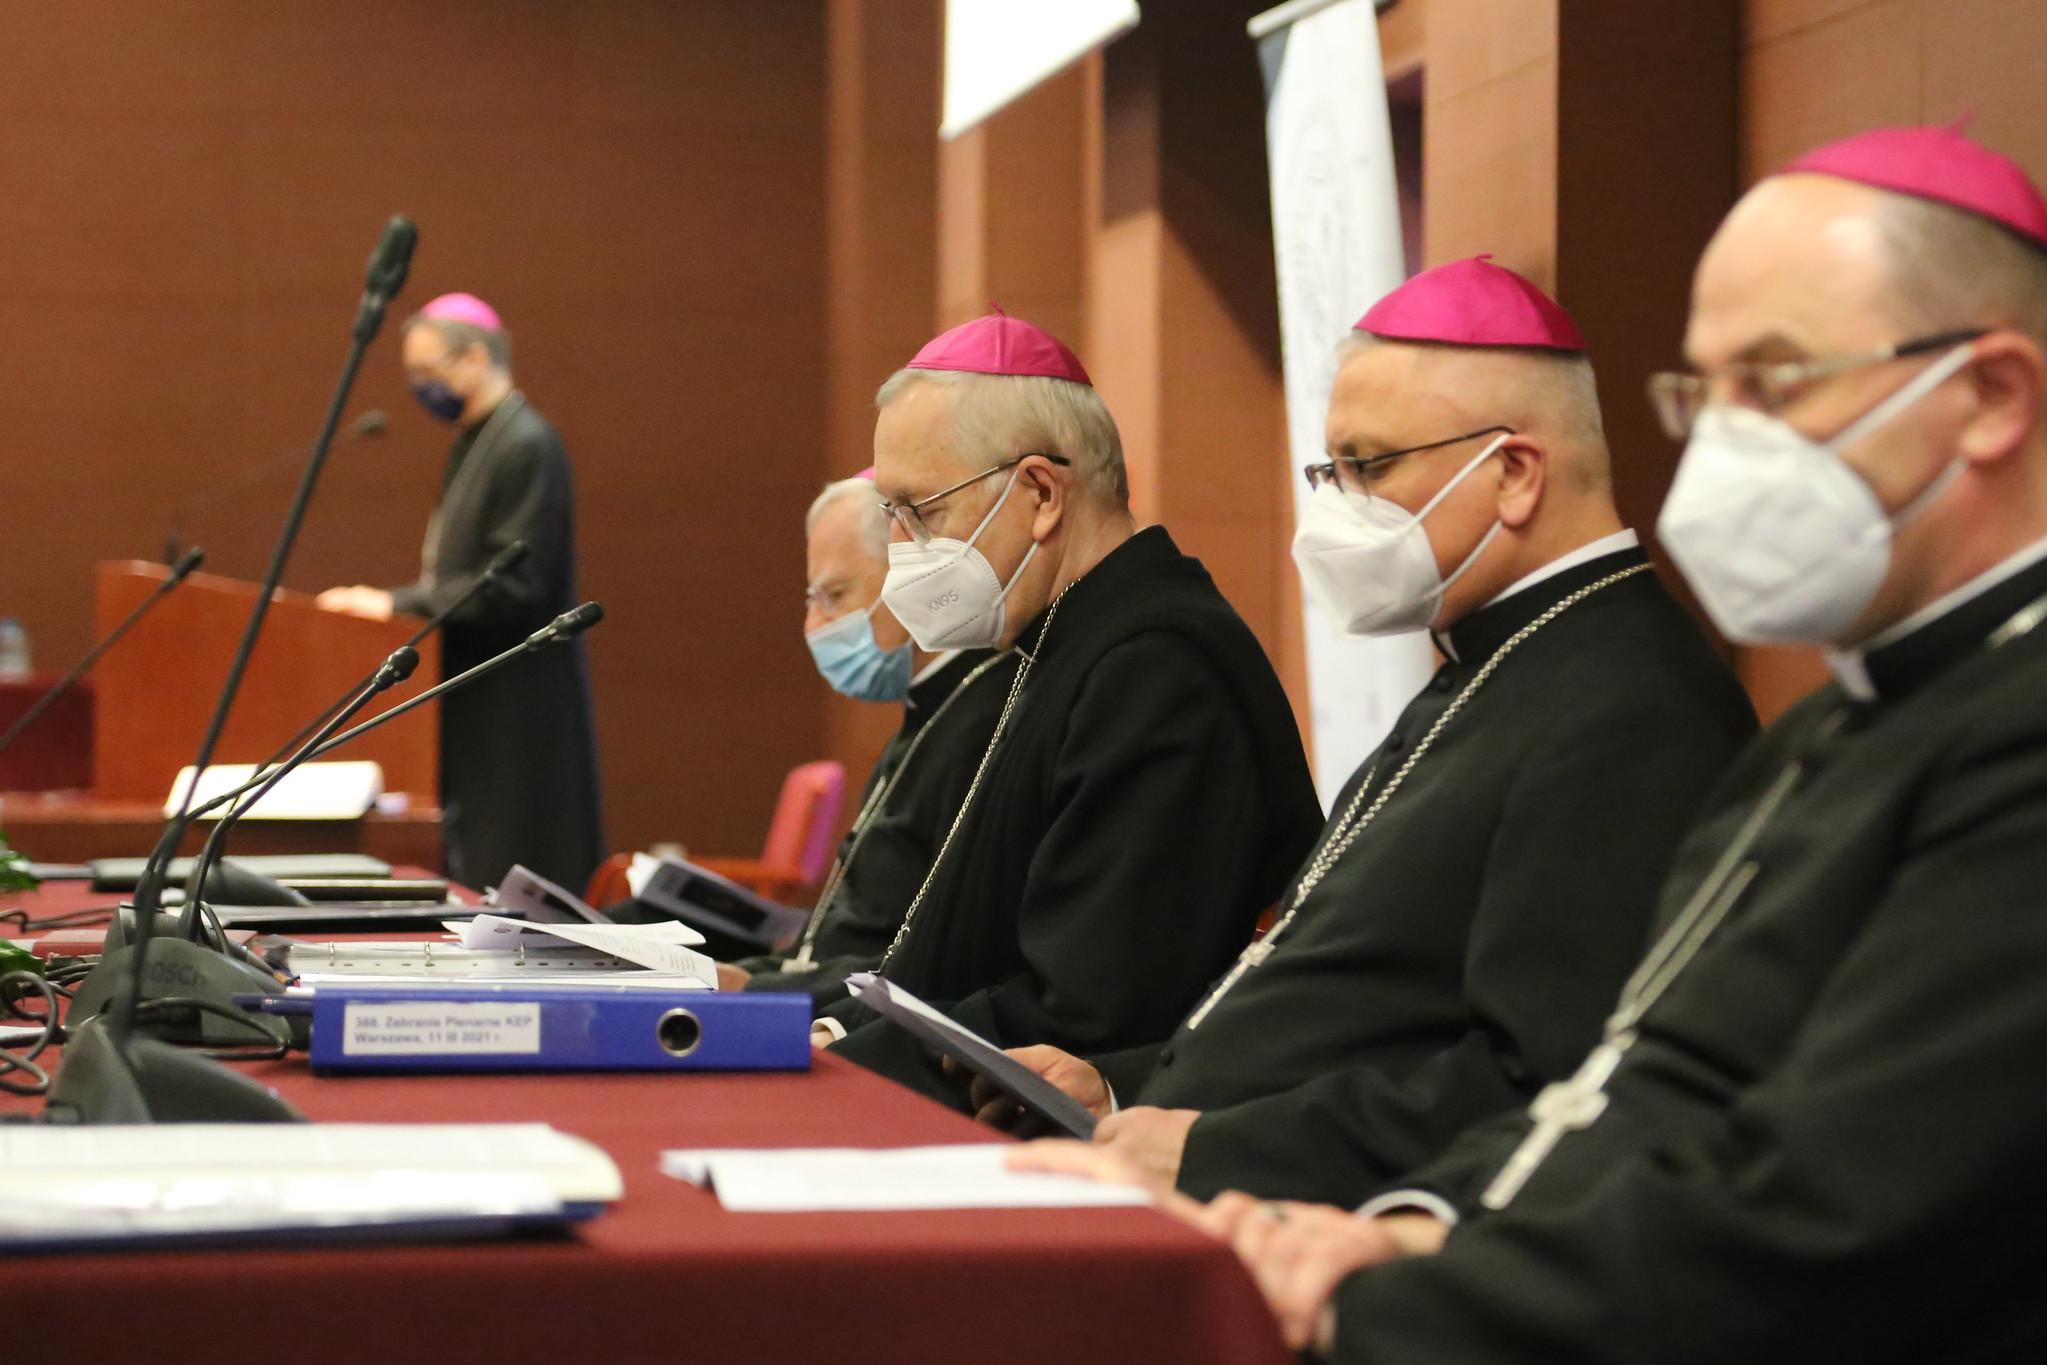 Słowa biskupów niosą śmierć